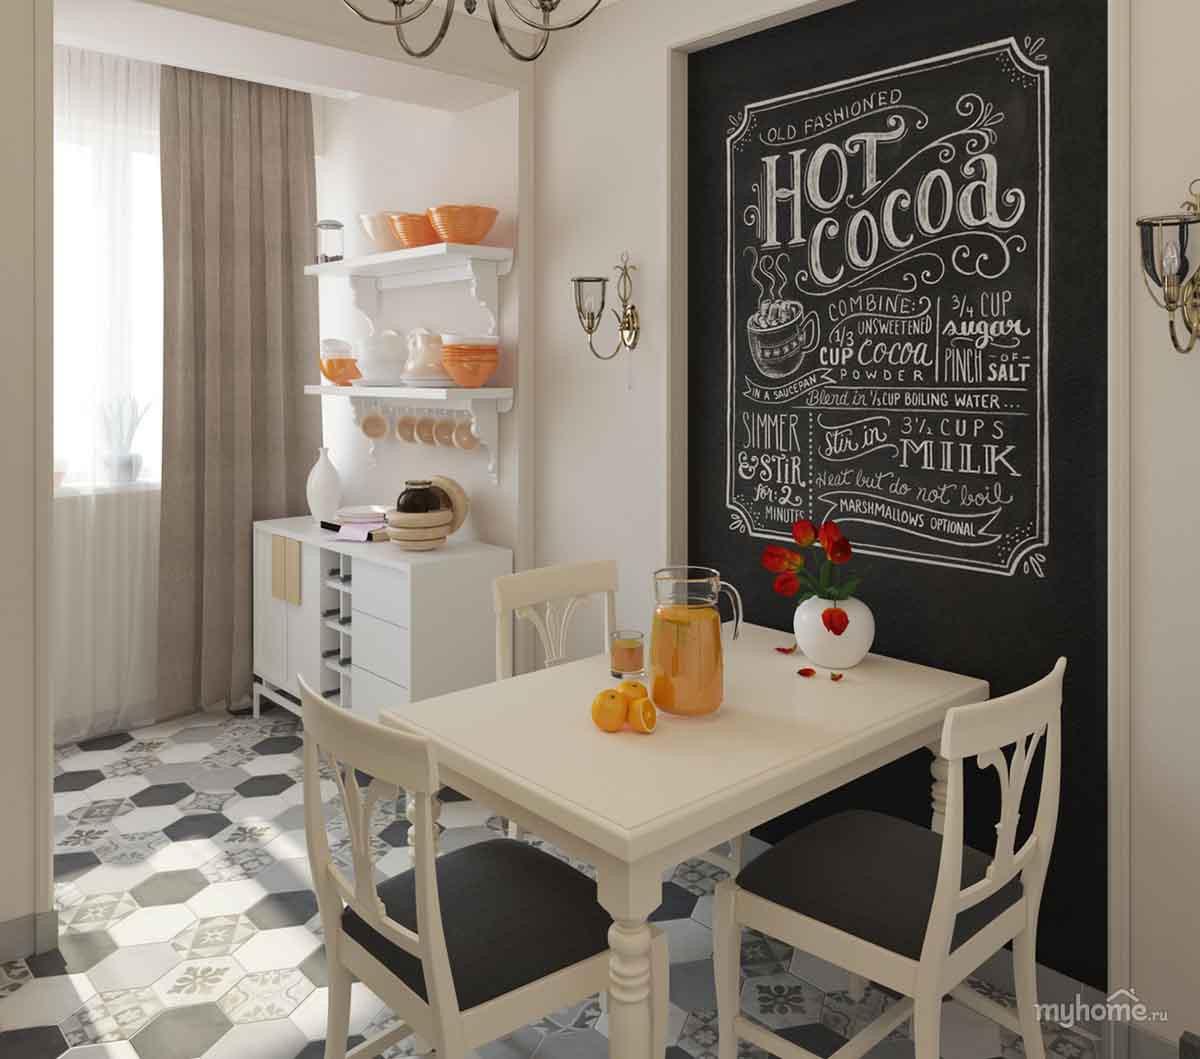 18. Chalkboard Dinette Set